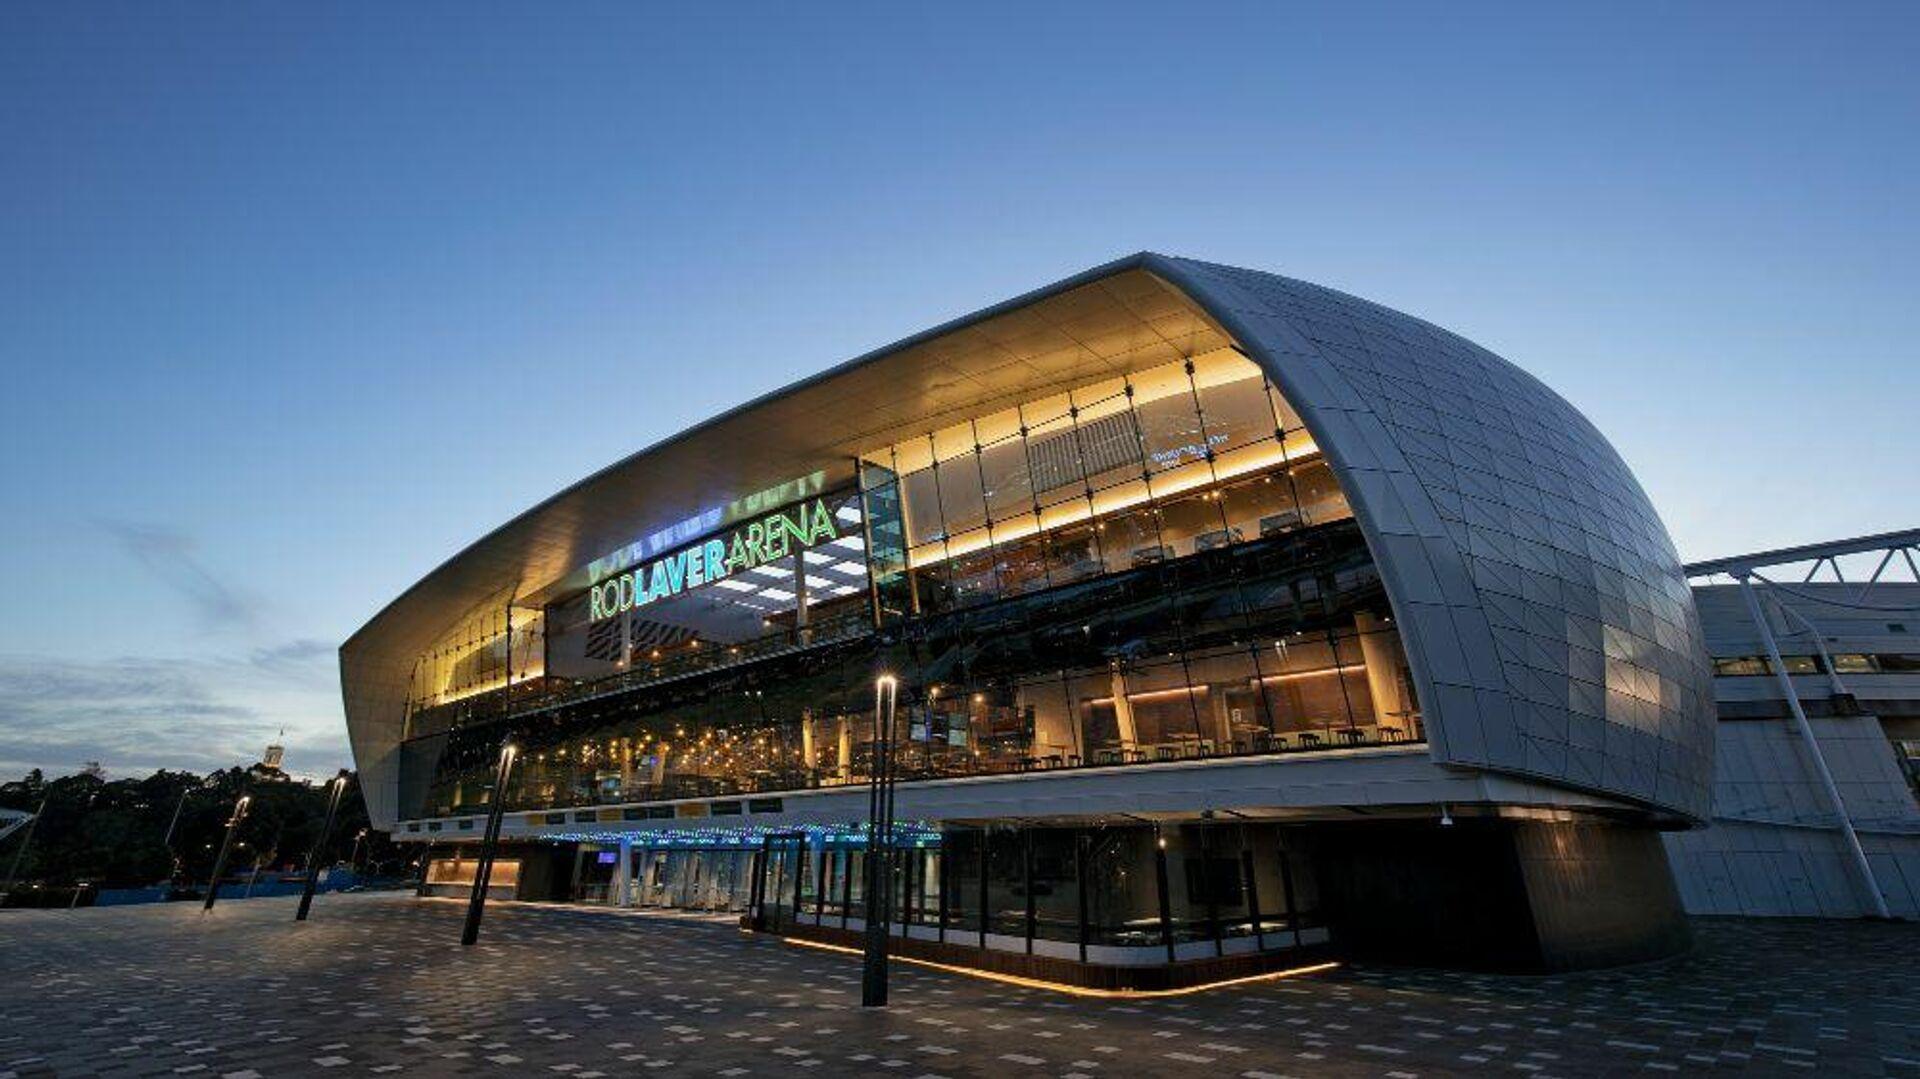 Род Лавер Арена в Мельбурне - РИА Новости, 1920, 17.01.2021